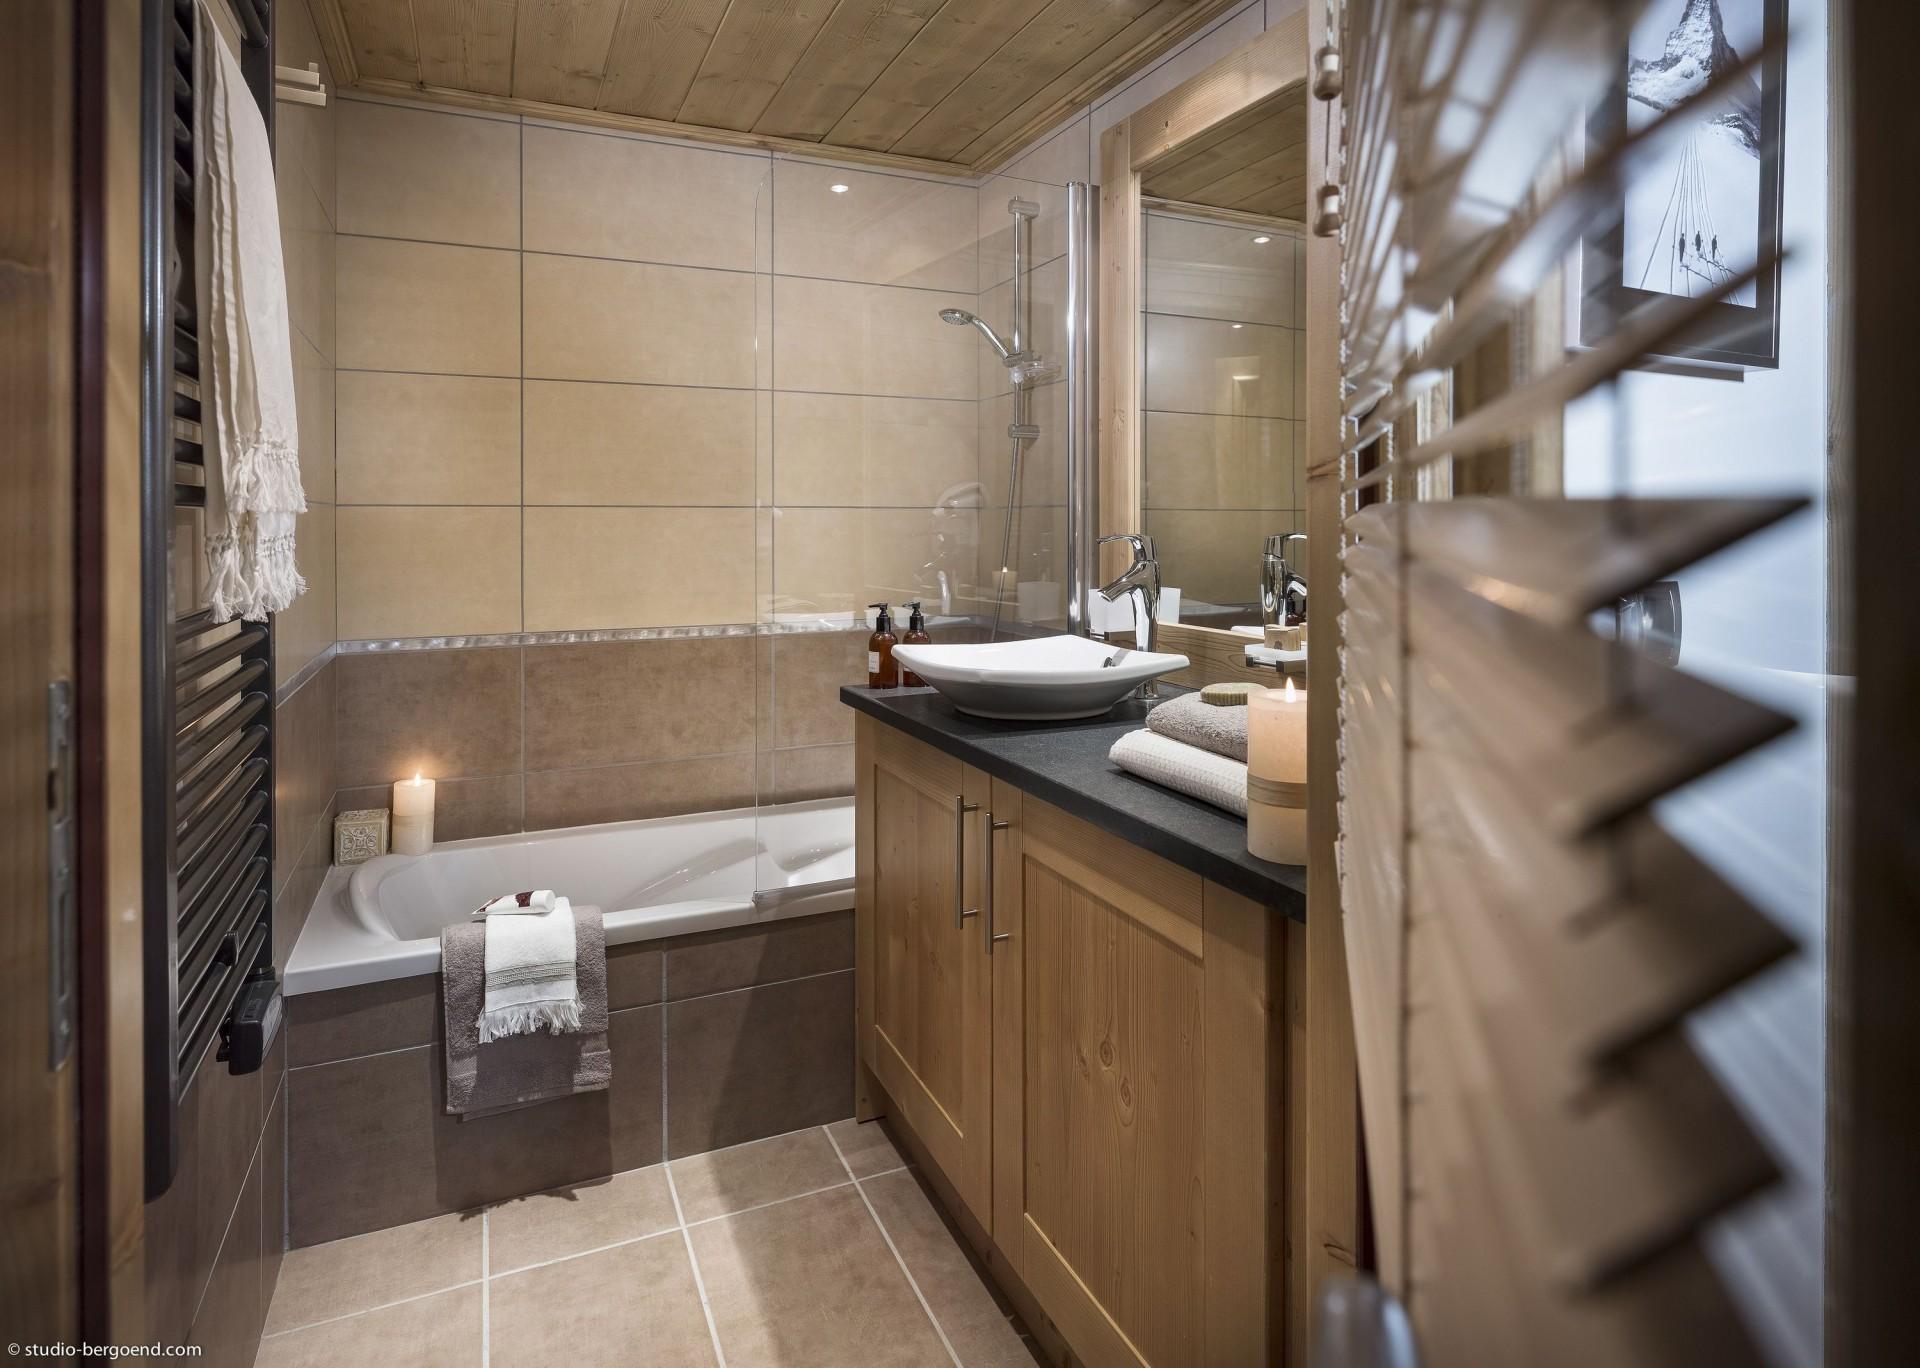 Tignes Location Appartement Luxe Micato Duplex Salle De Bain